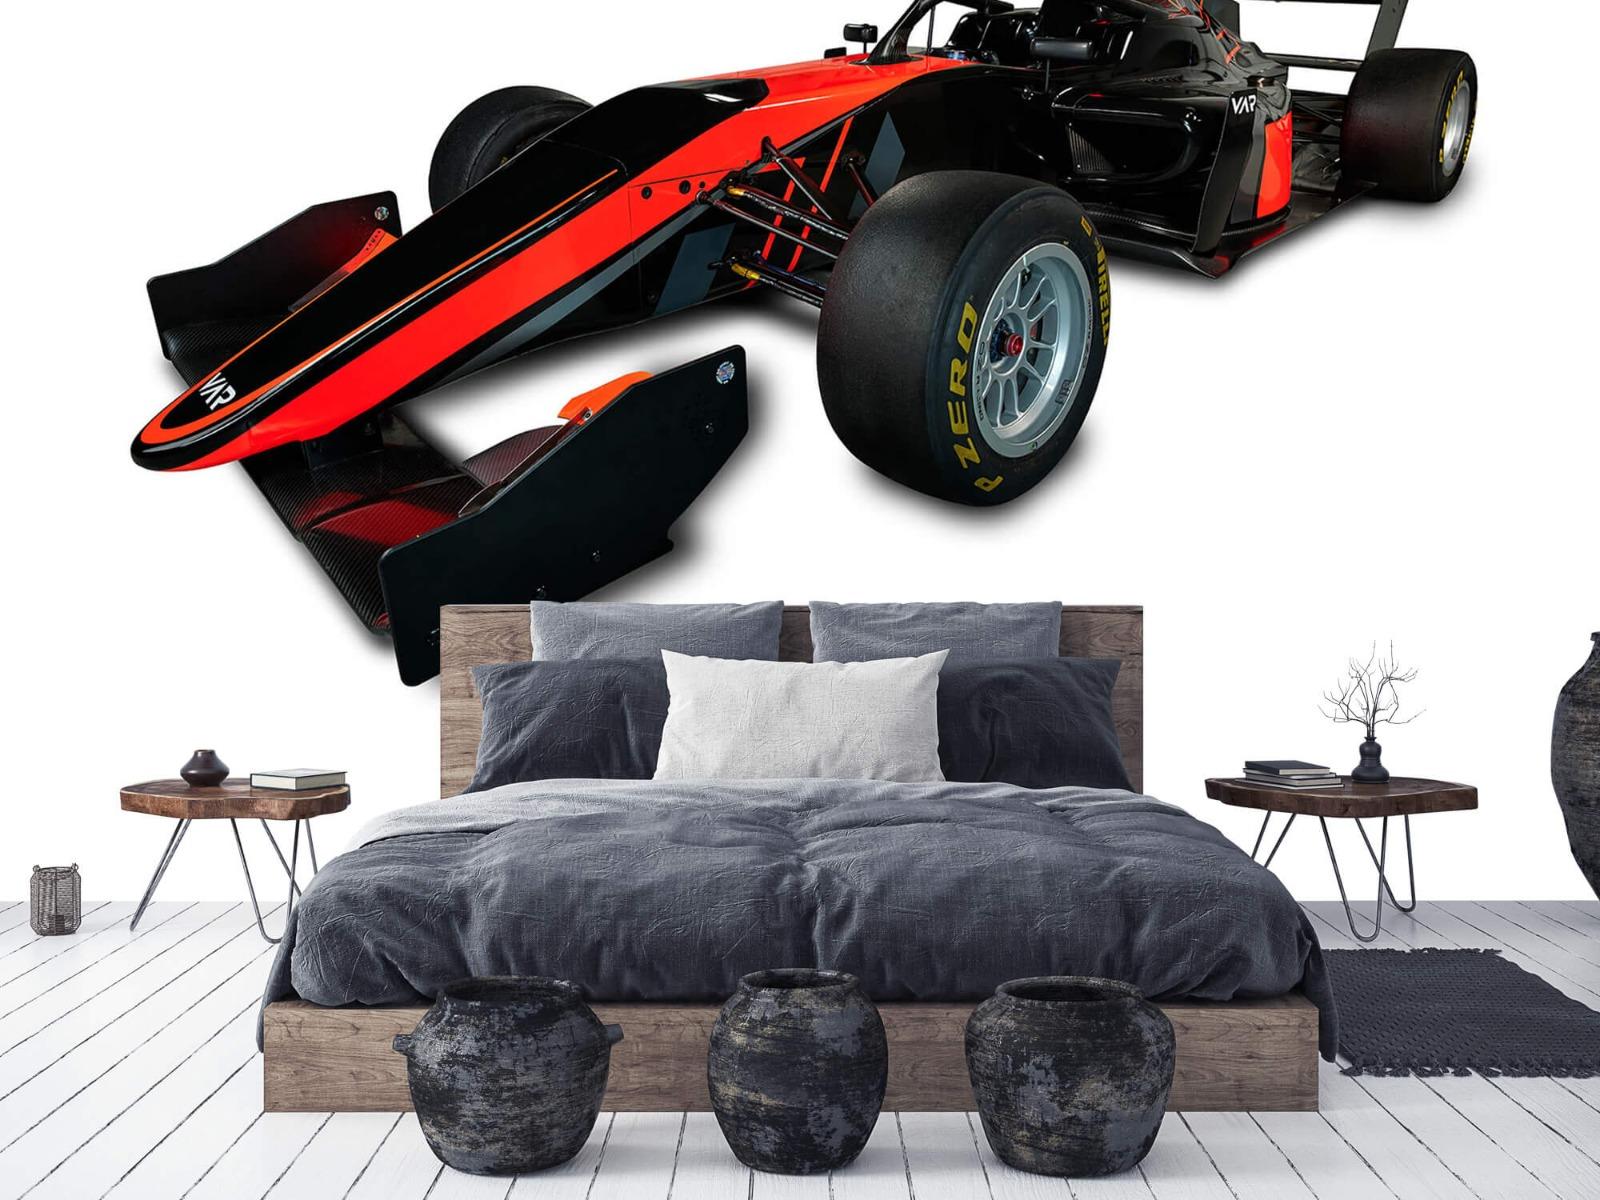 Sportauto's - Formule 3 - Left front view - Tienerkamer 5